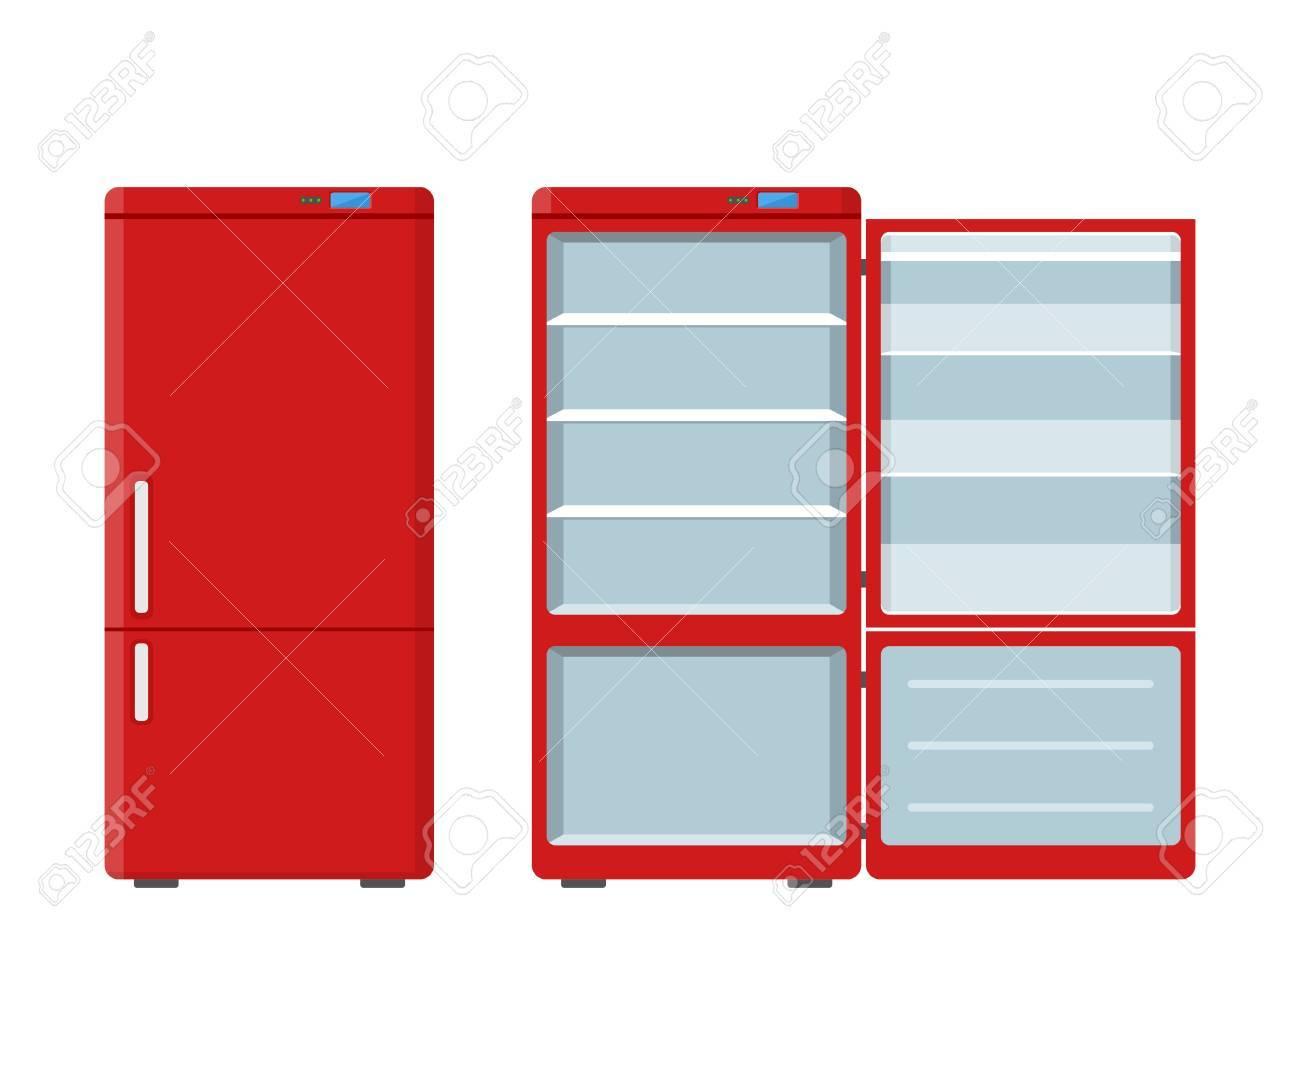 Frigo électroménager Rouge Ouvert Et Fermé Isolé Sur Fond Blanc  Réfrigérateur électronique Illustration Vectorielle De L Appareil Ménager 591f512135fd